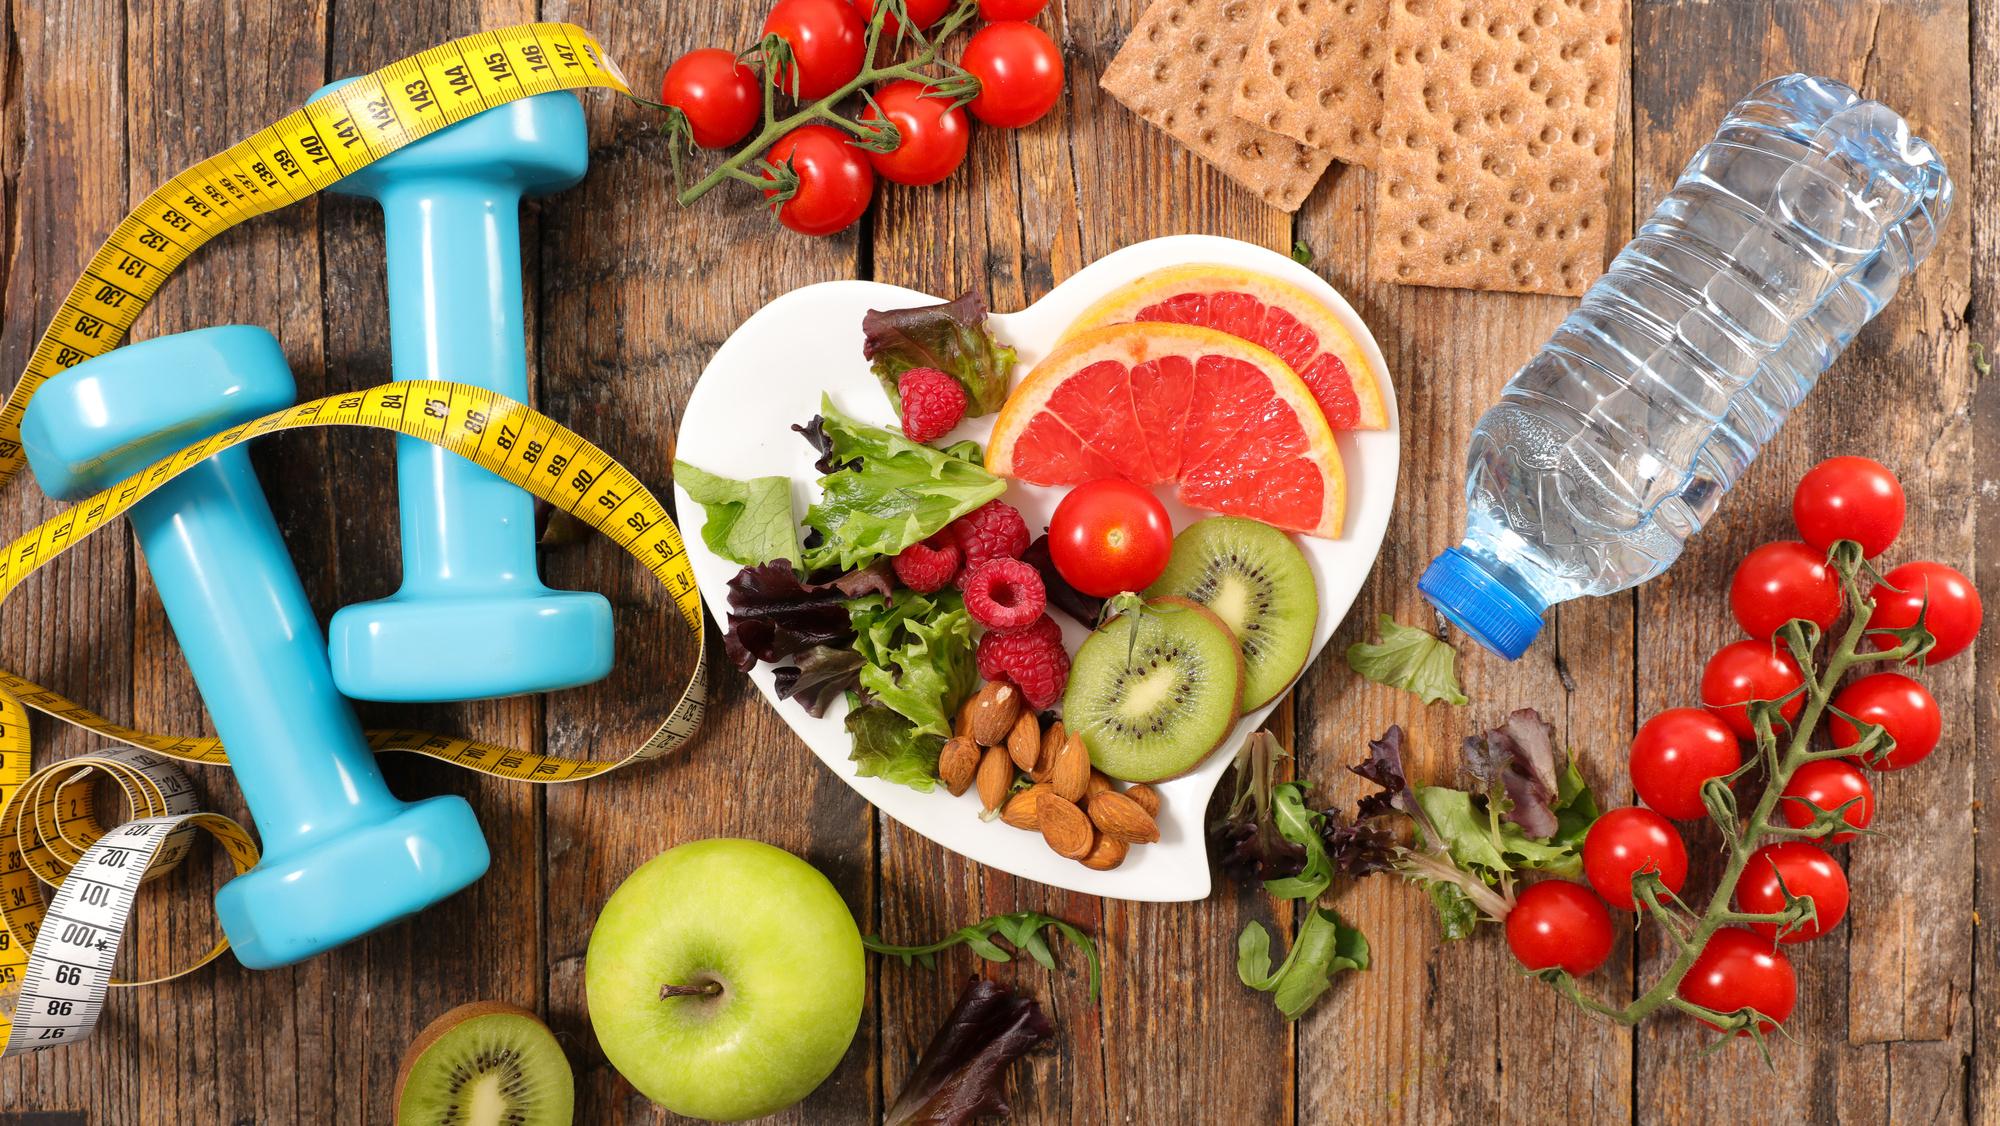 ۸ غذای مفید برای قلب  که باورتان نمی شود